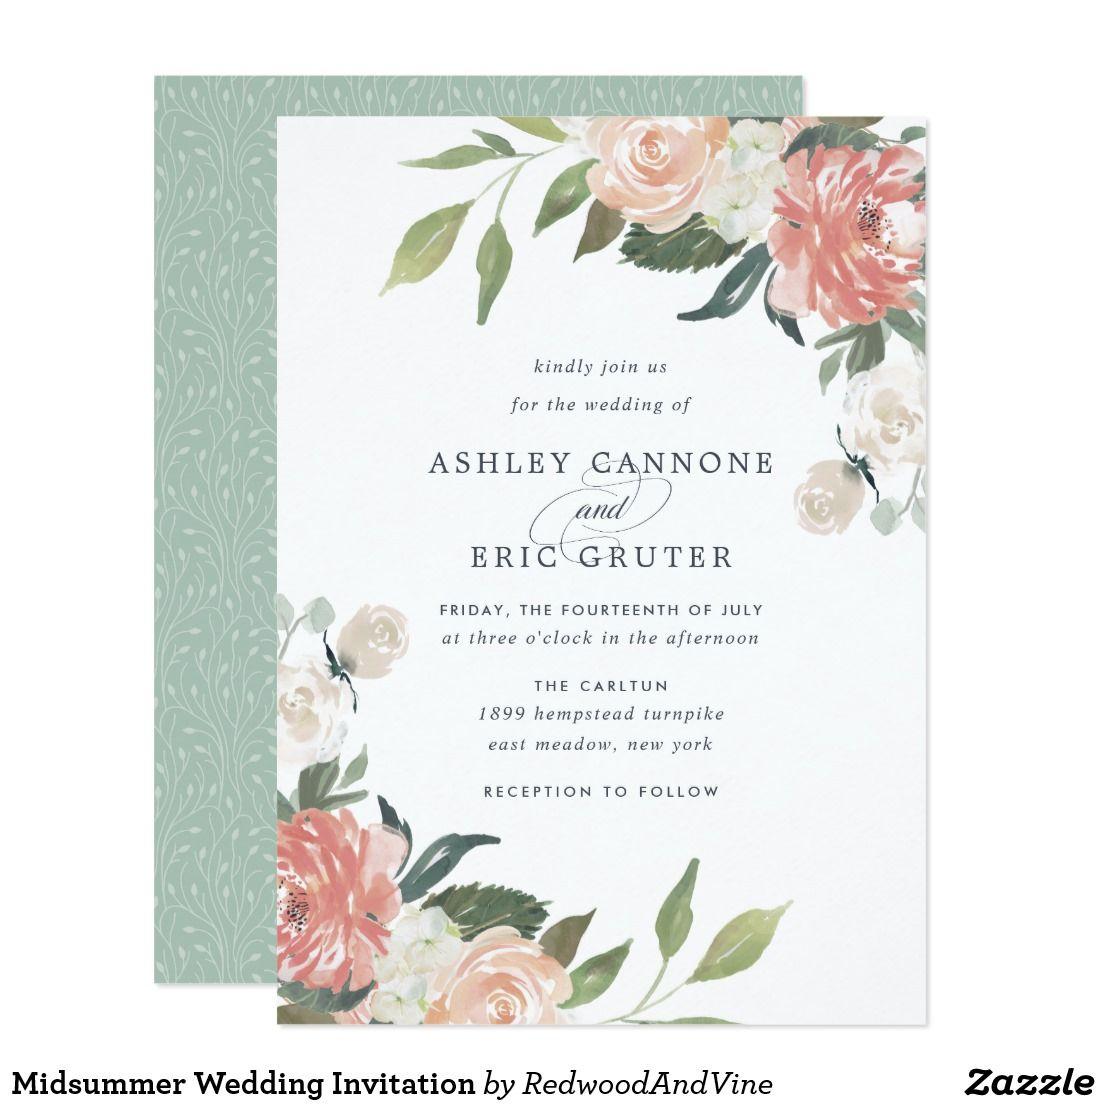 Midsummer Wedding Invitation Zazzle Co Uk Floral Wedding Invitations Wedding Invitations Summer Wedding Invitations